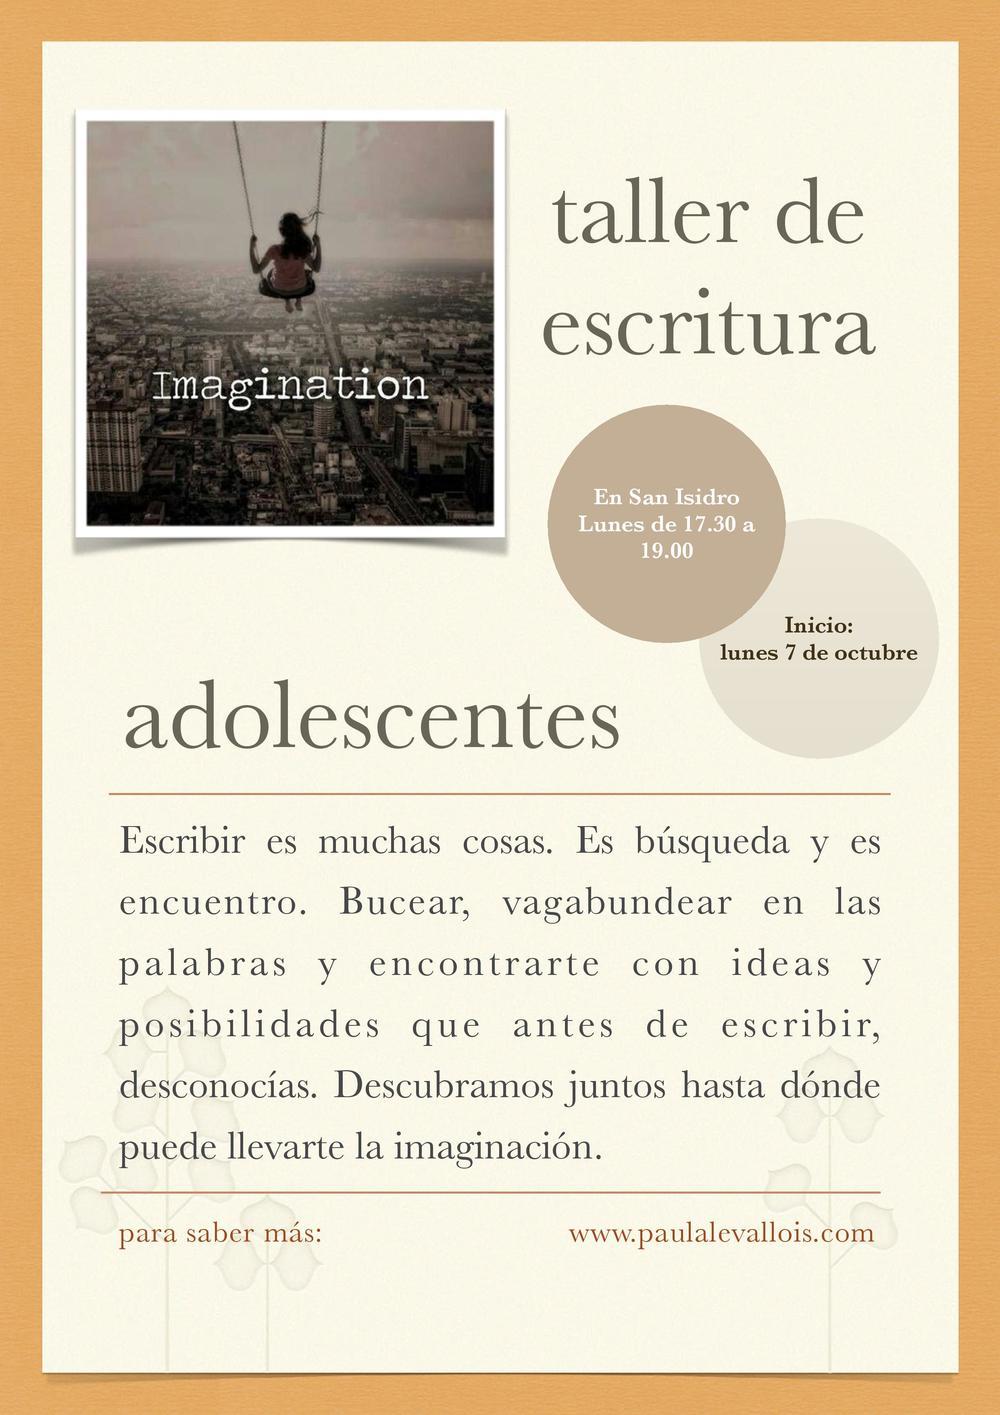 adolescentes-page-001.jpg